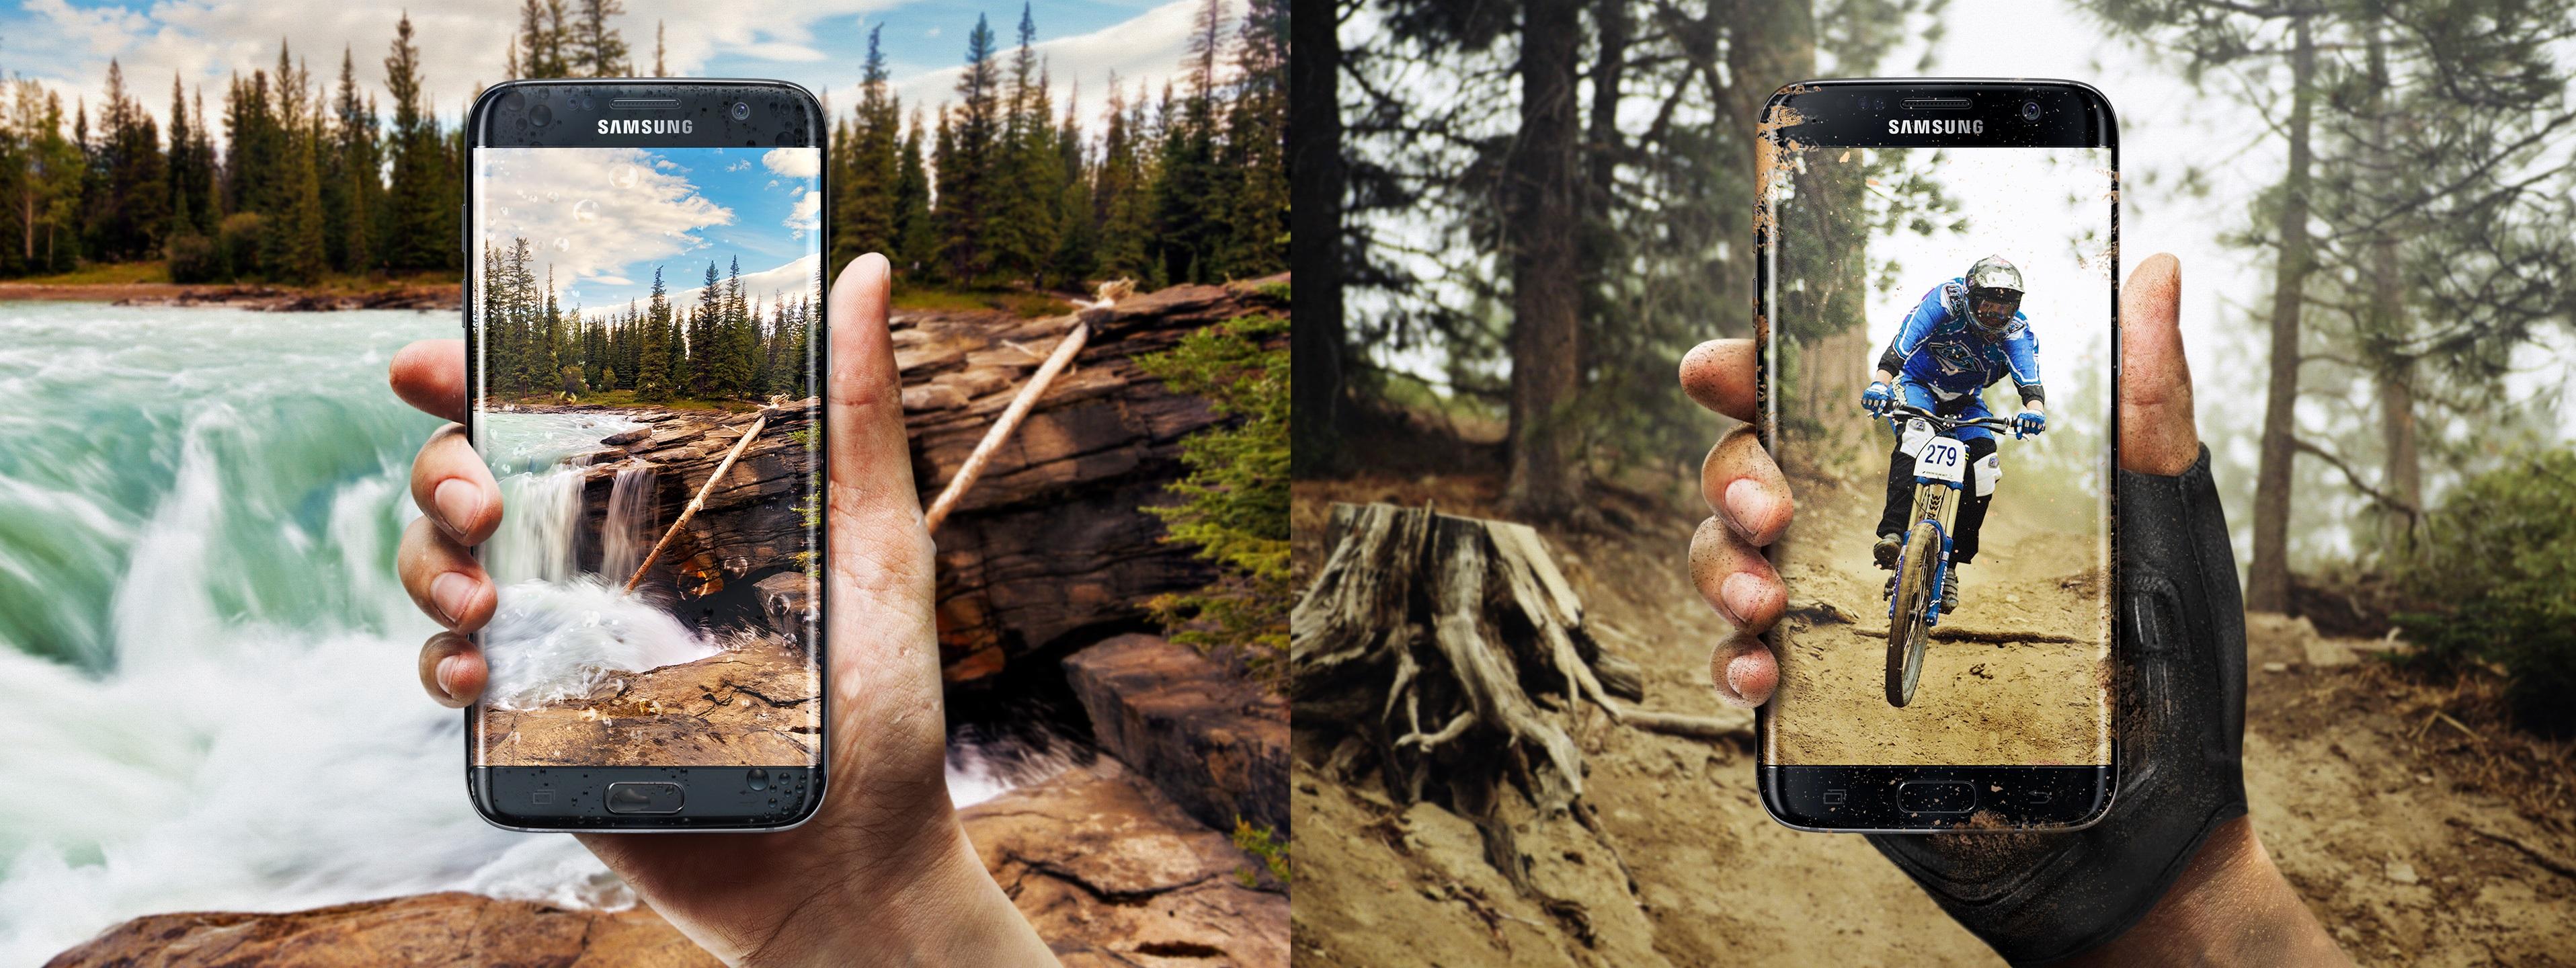 Samsung Galaxy S7 Spatwaterdicht